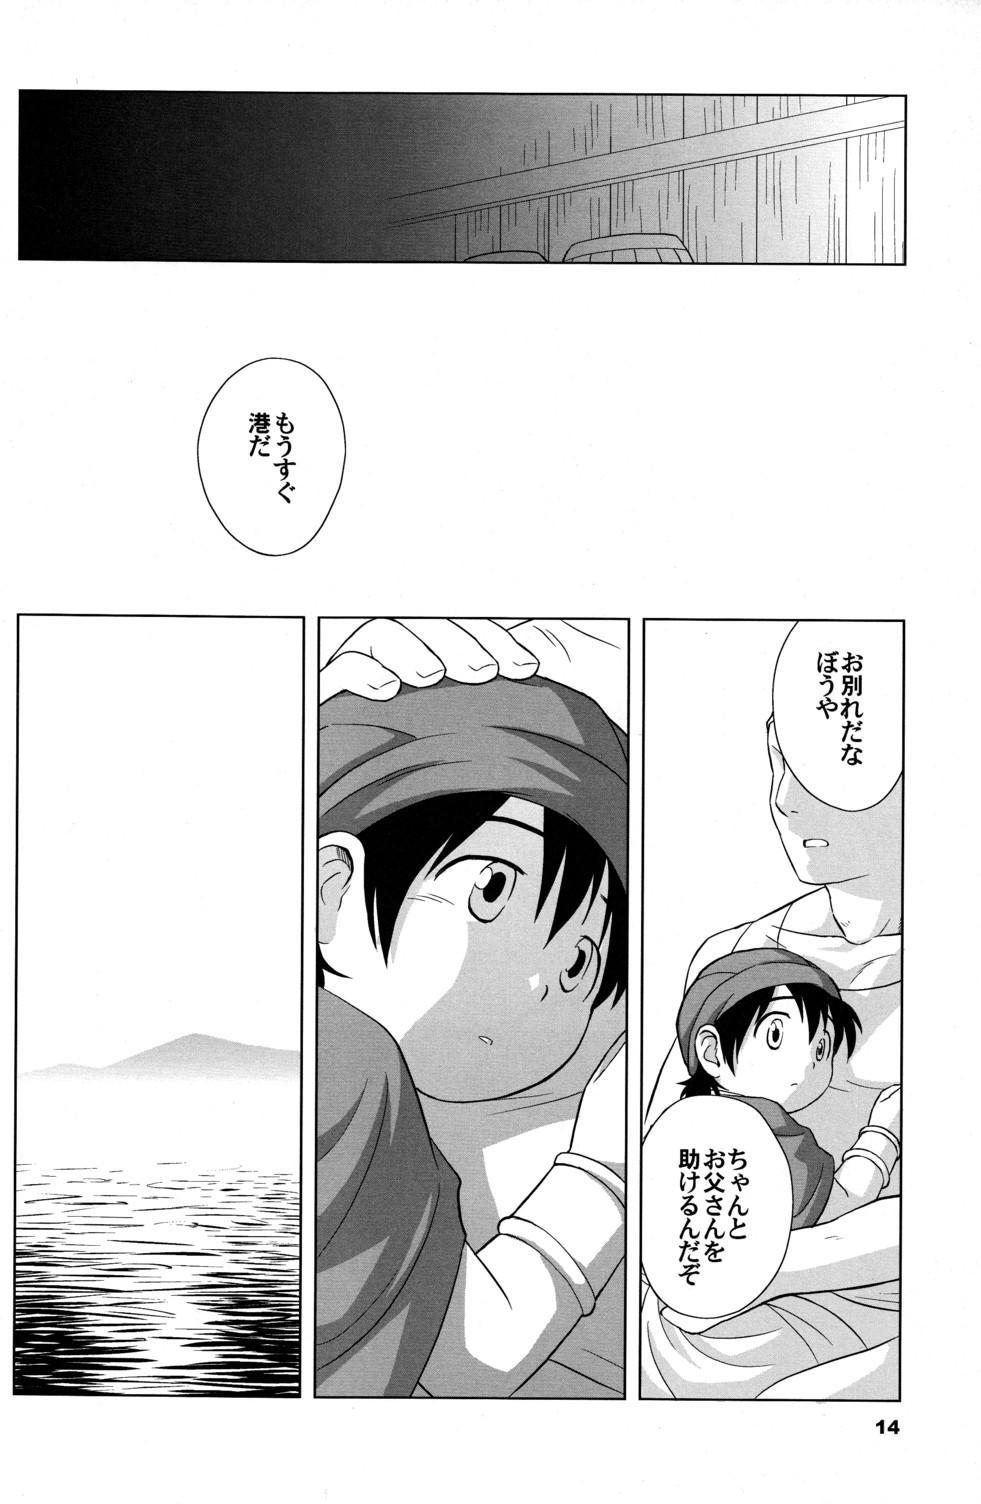 Hoshifuru Seisui 13